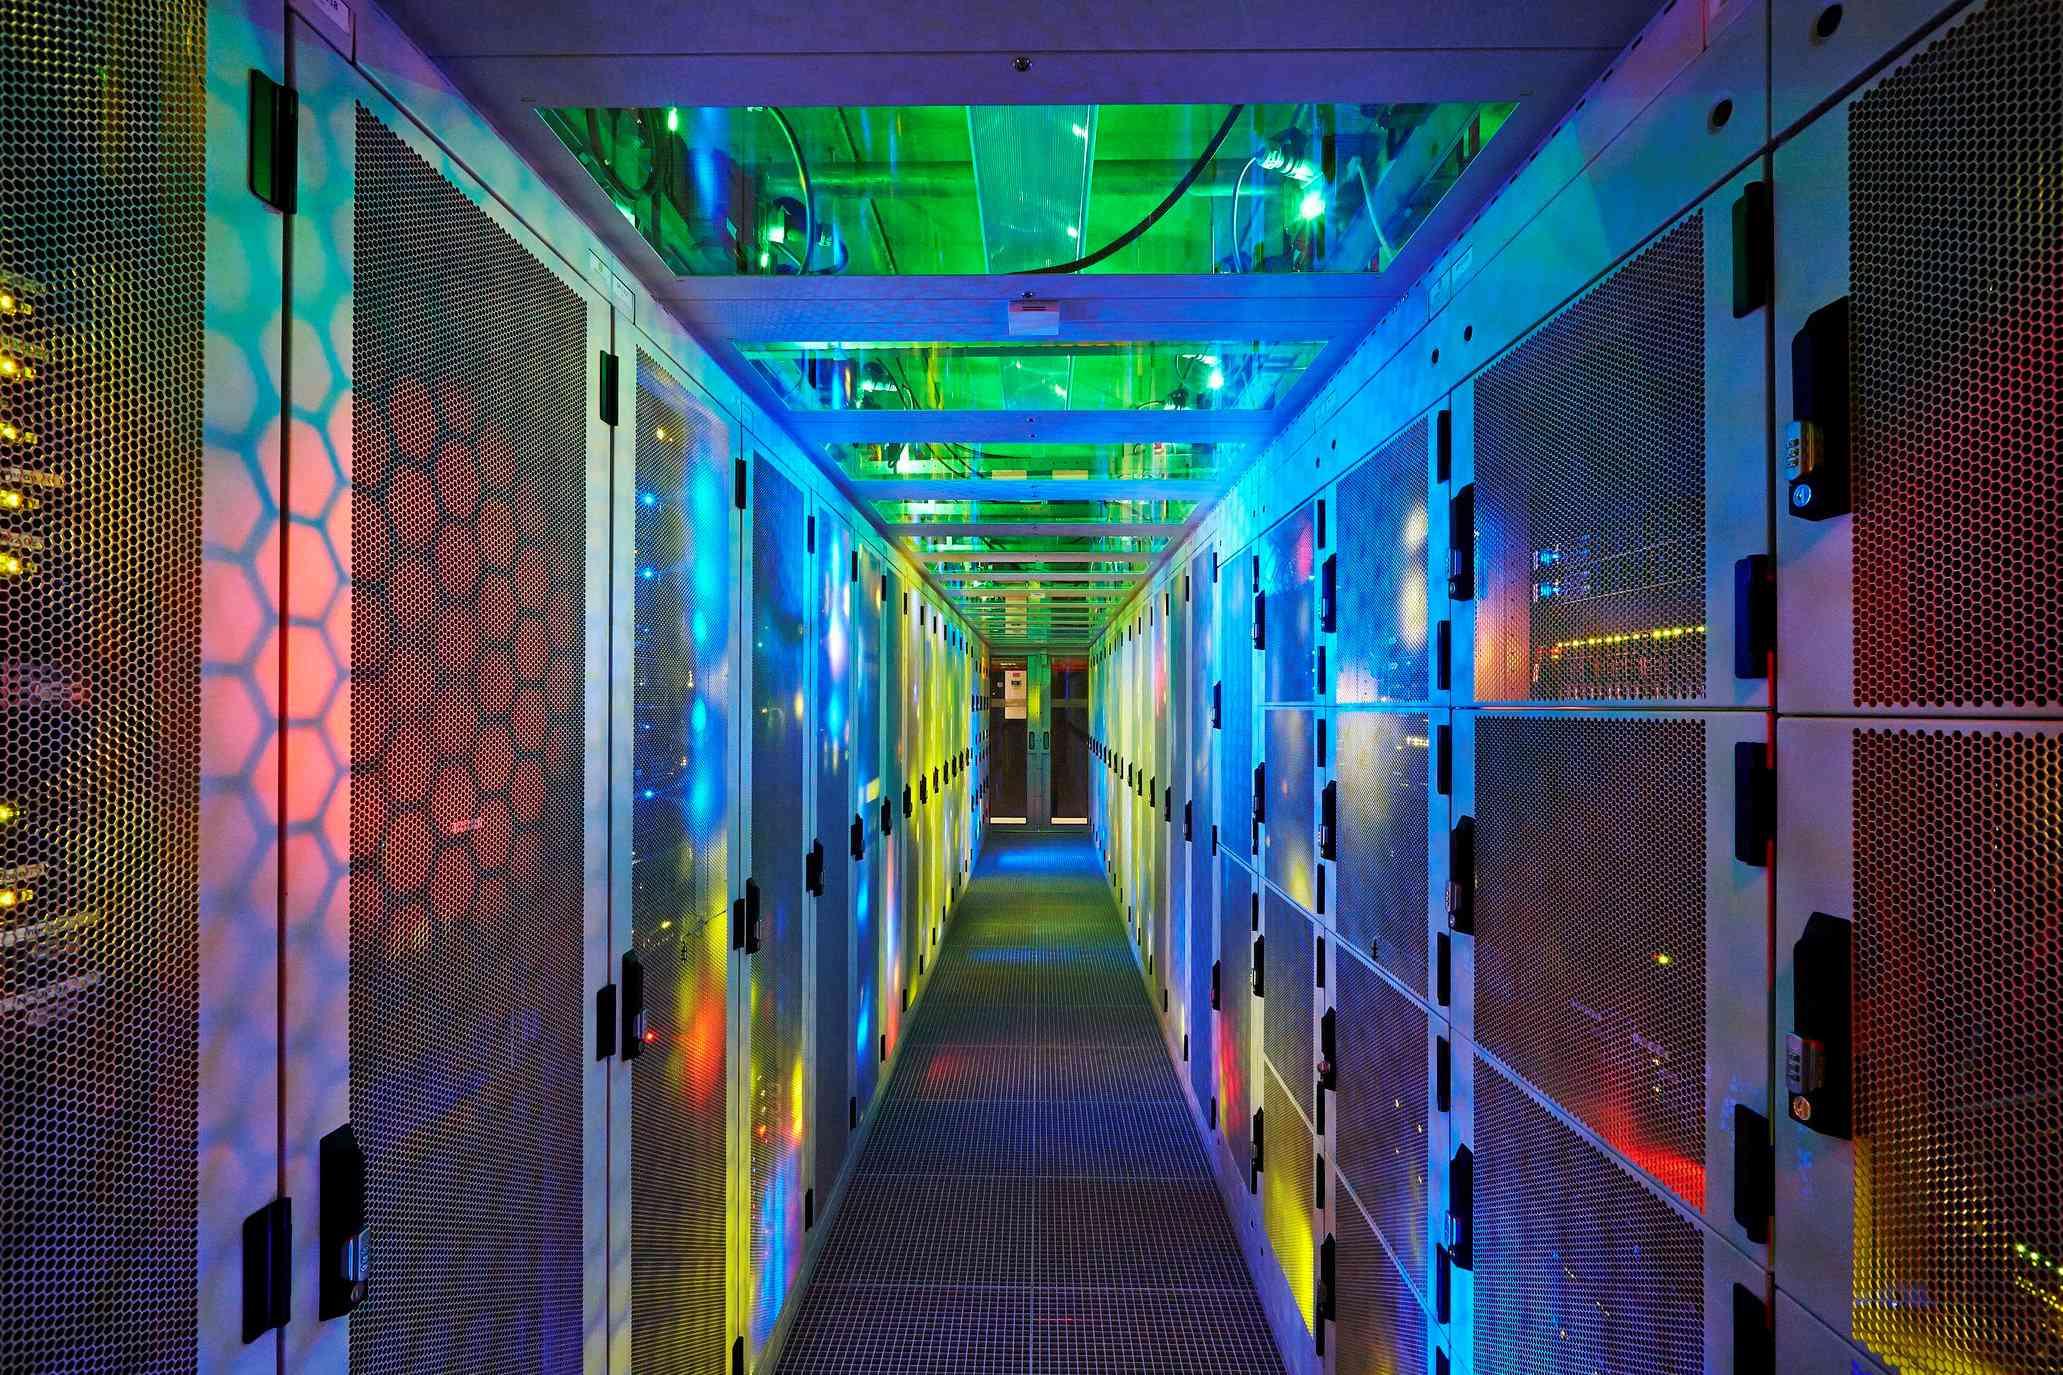 Data center with server racks